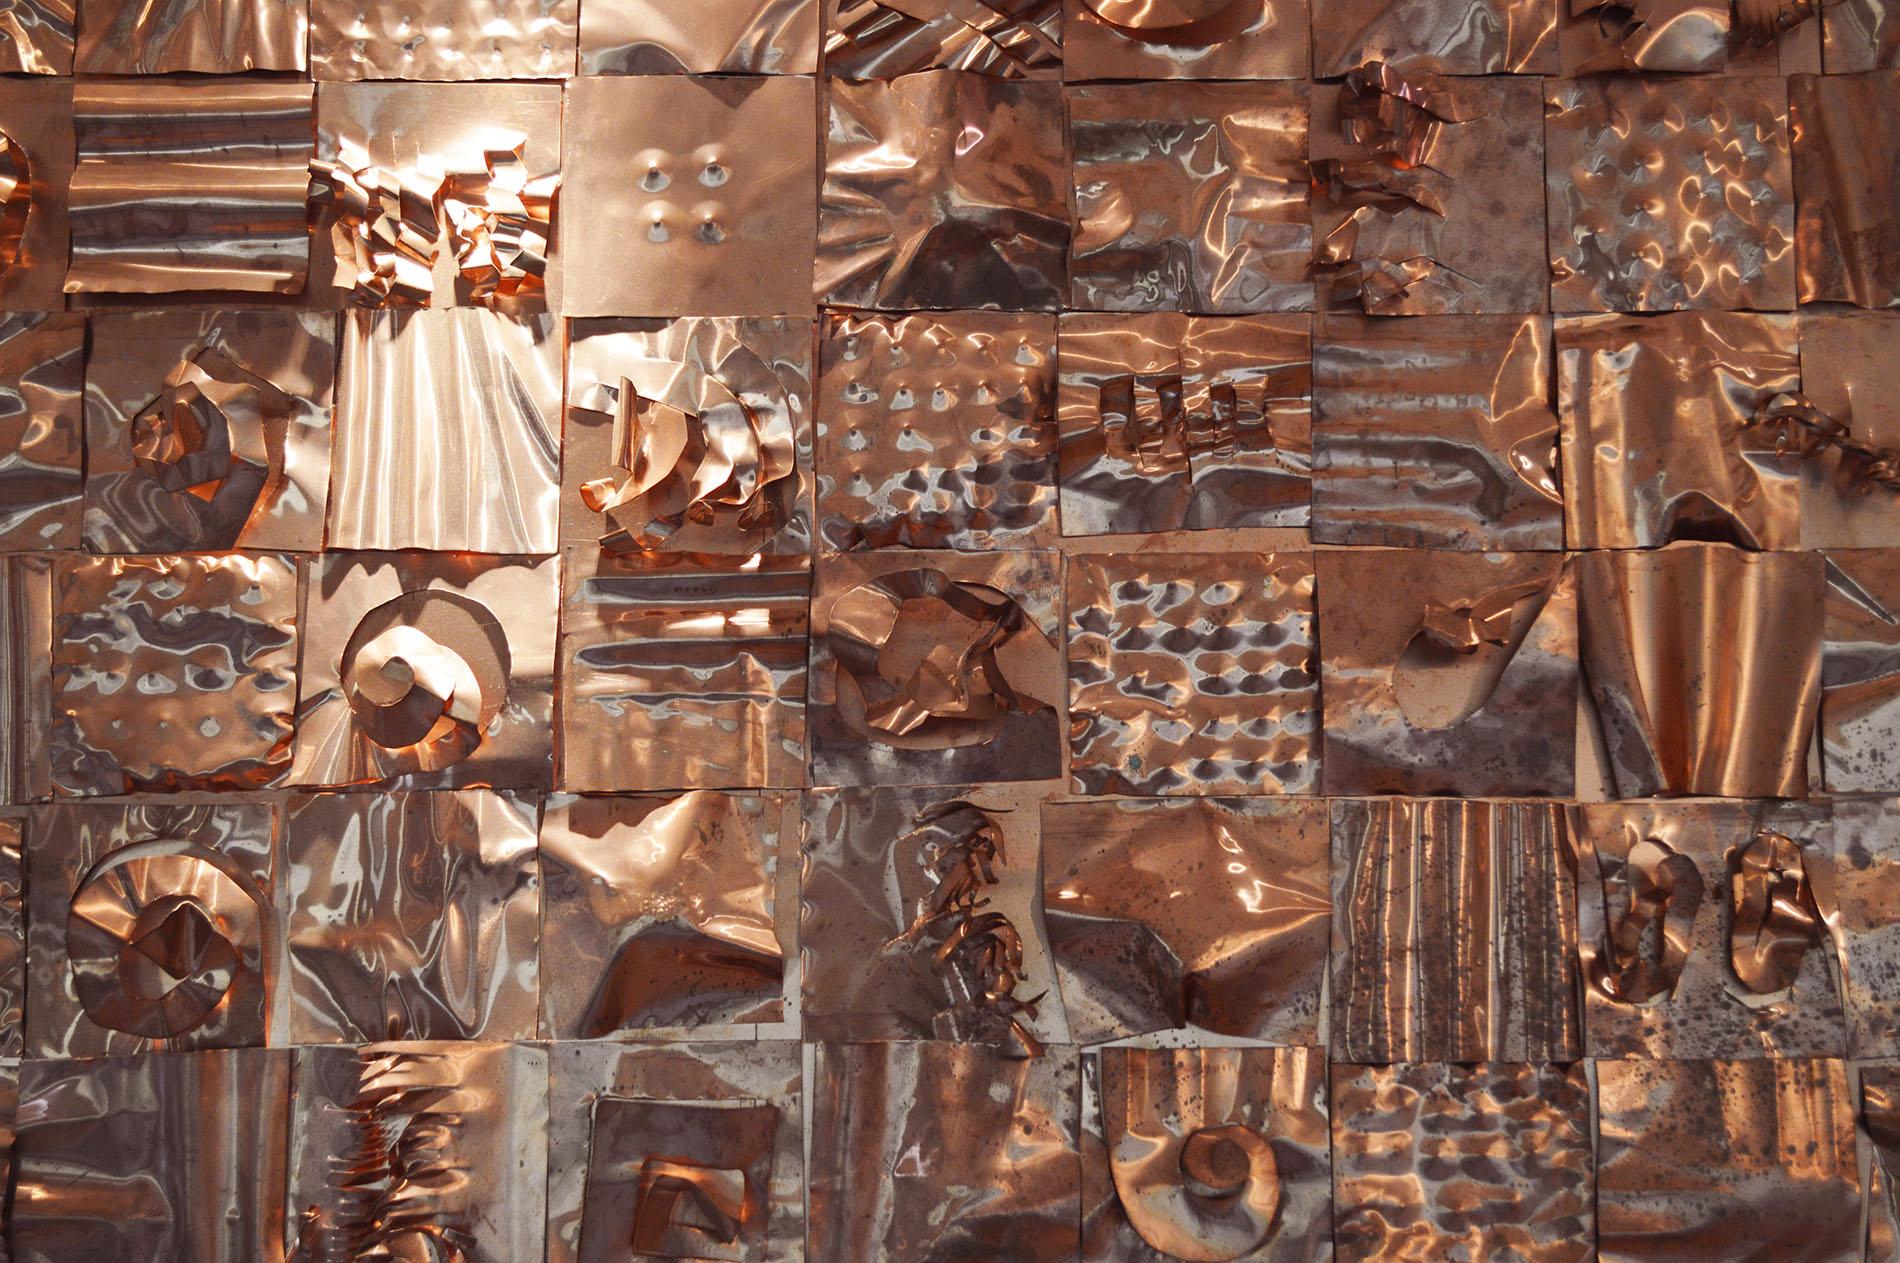 Quadro Rame 2015 Studio medico Roma Foglio di rame modellato su supporto multistrato Cm 200x140 Foglio di rame modellato su supporto, rame sbalzato, rame, scultura astratta, rame ritagliato scultura in rame, scultura in metallo